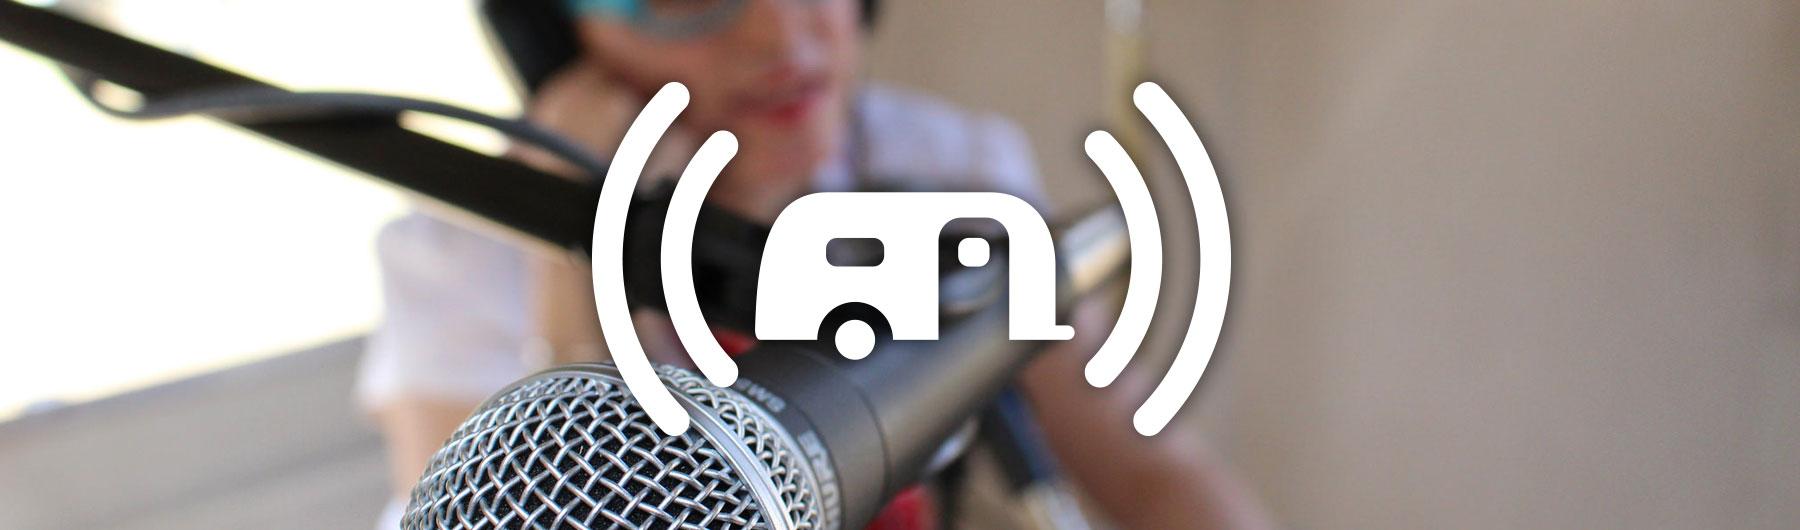 podcasting 1-1.jpg